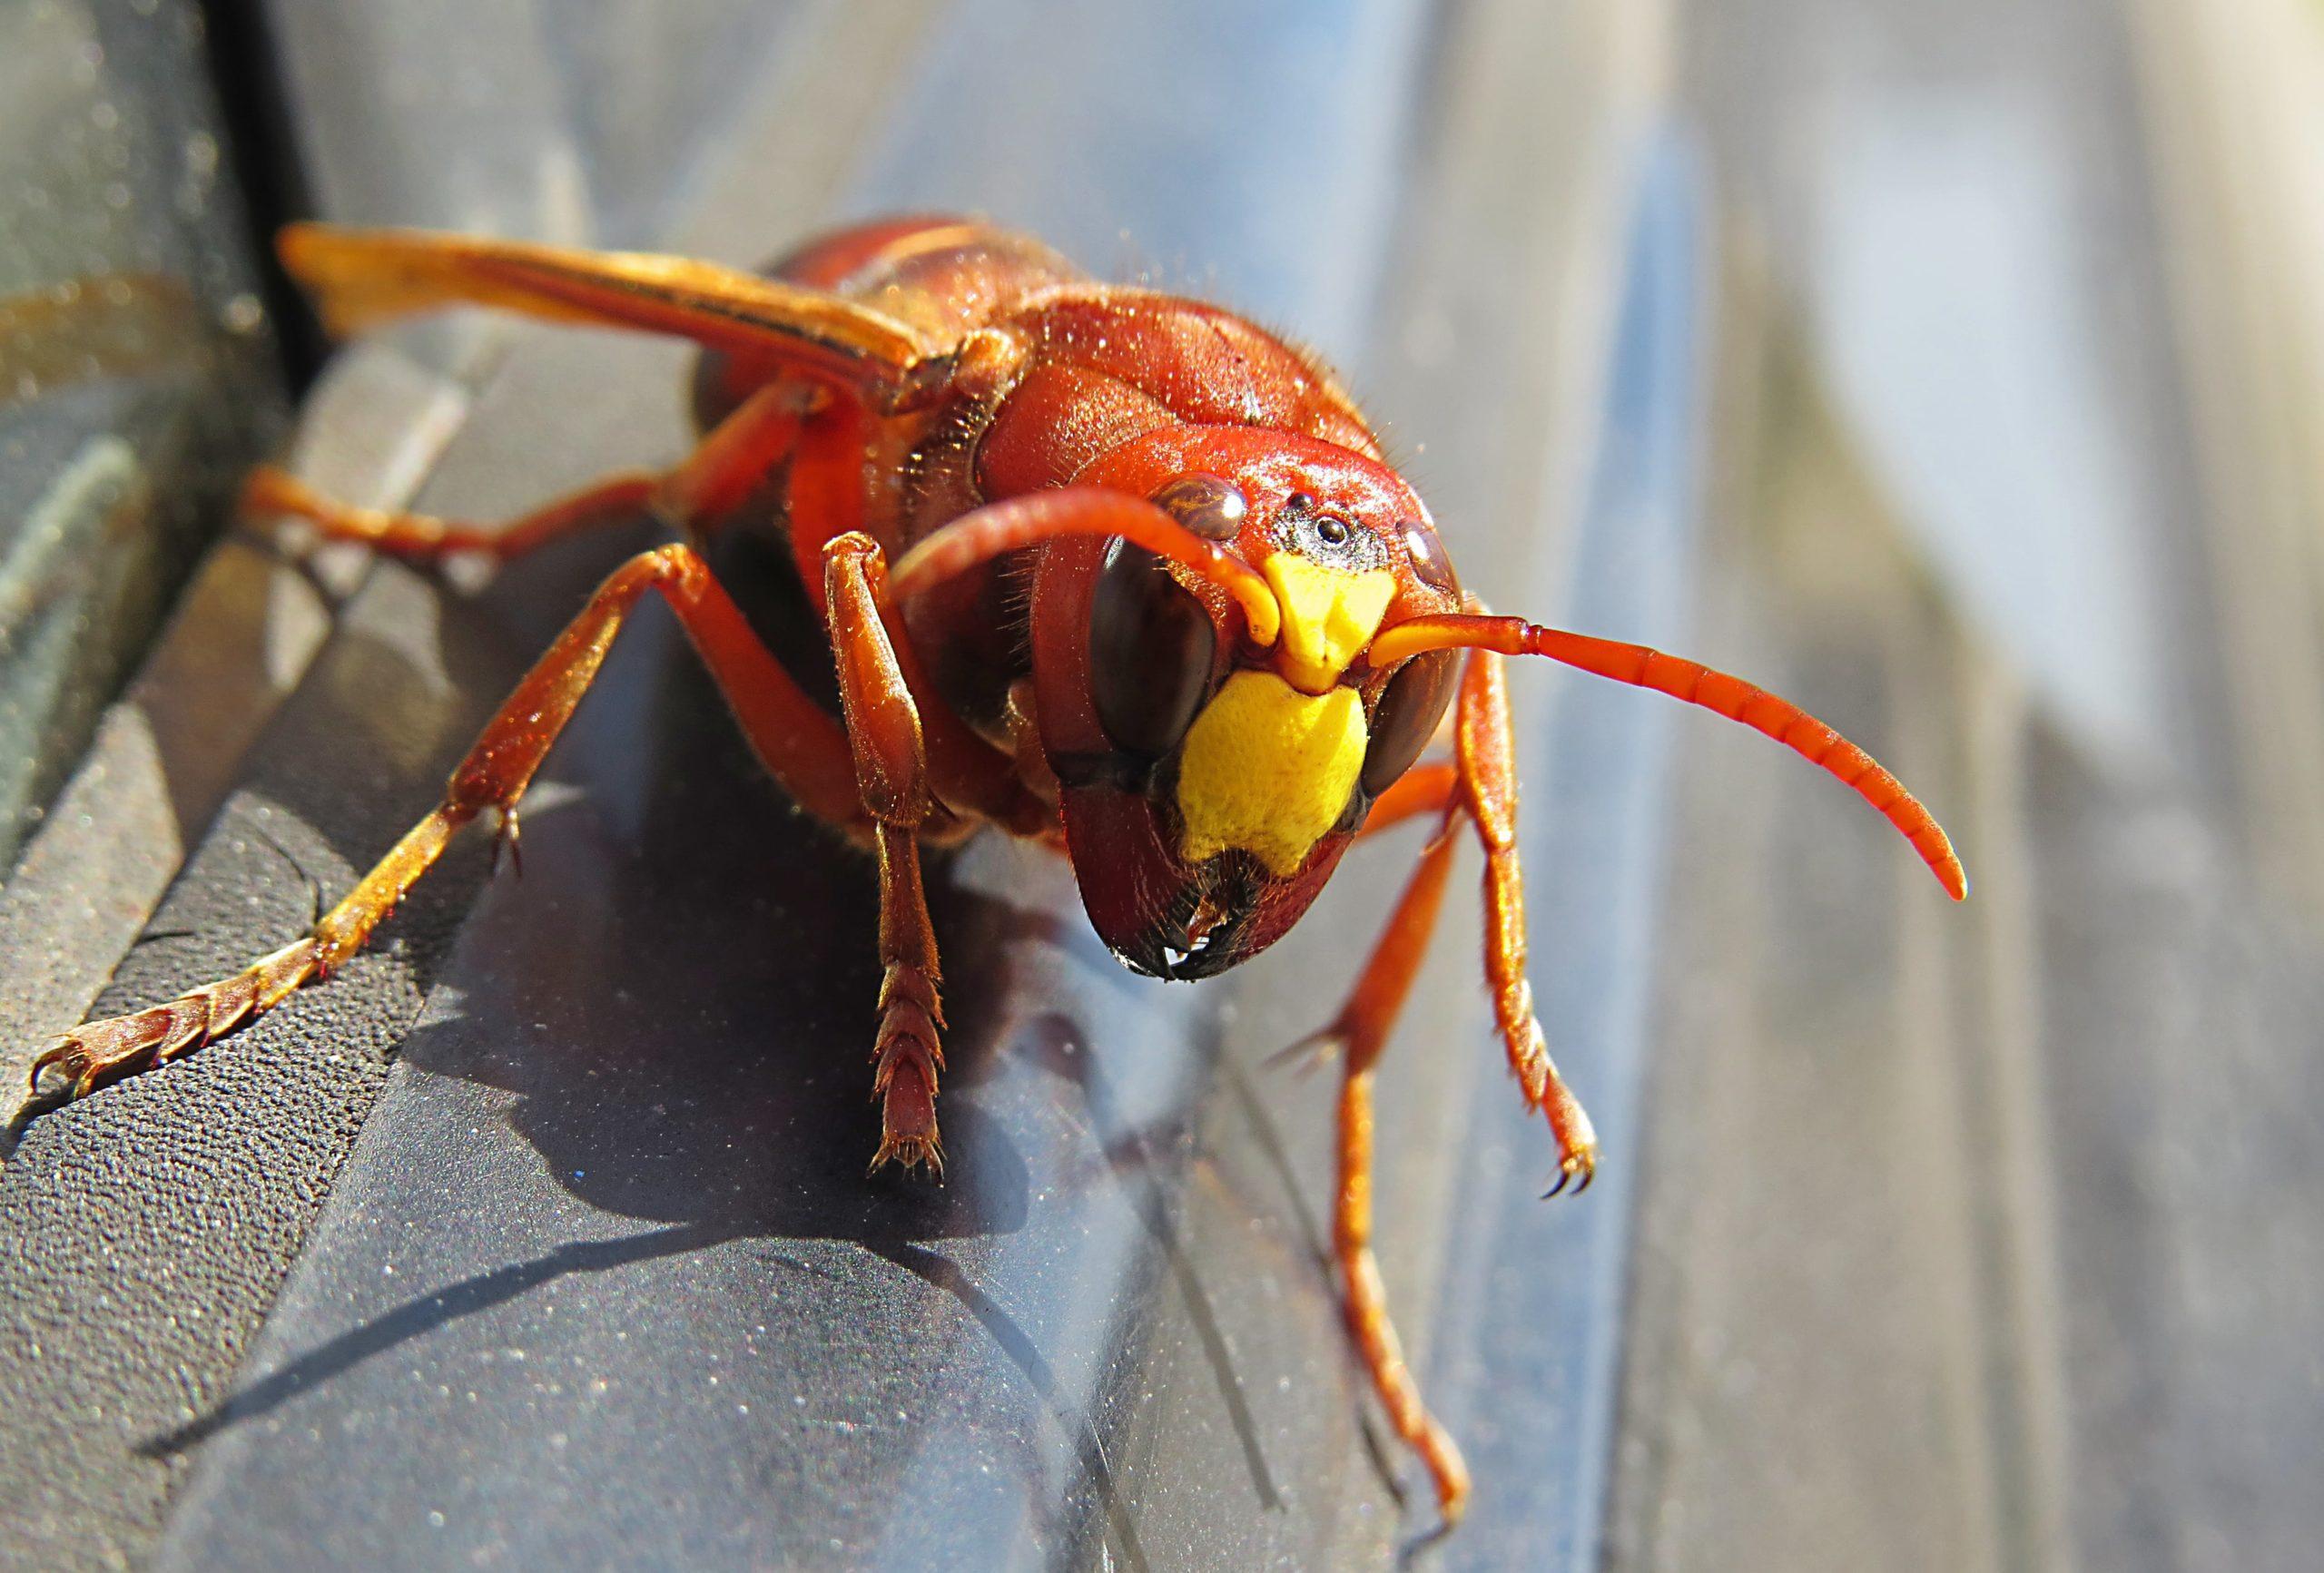 Asian Giant Hornet On a car door